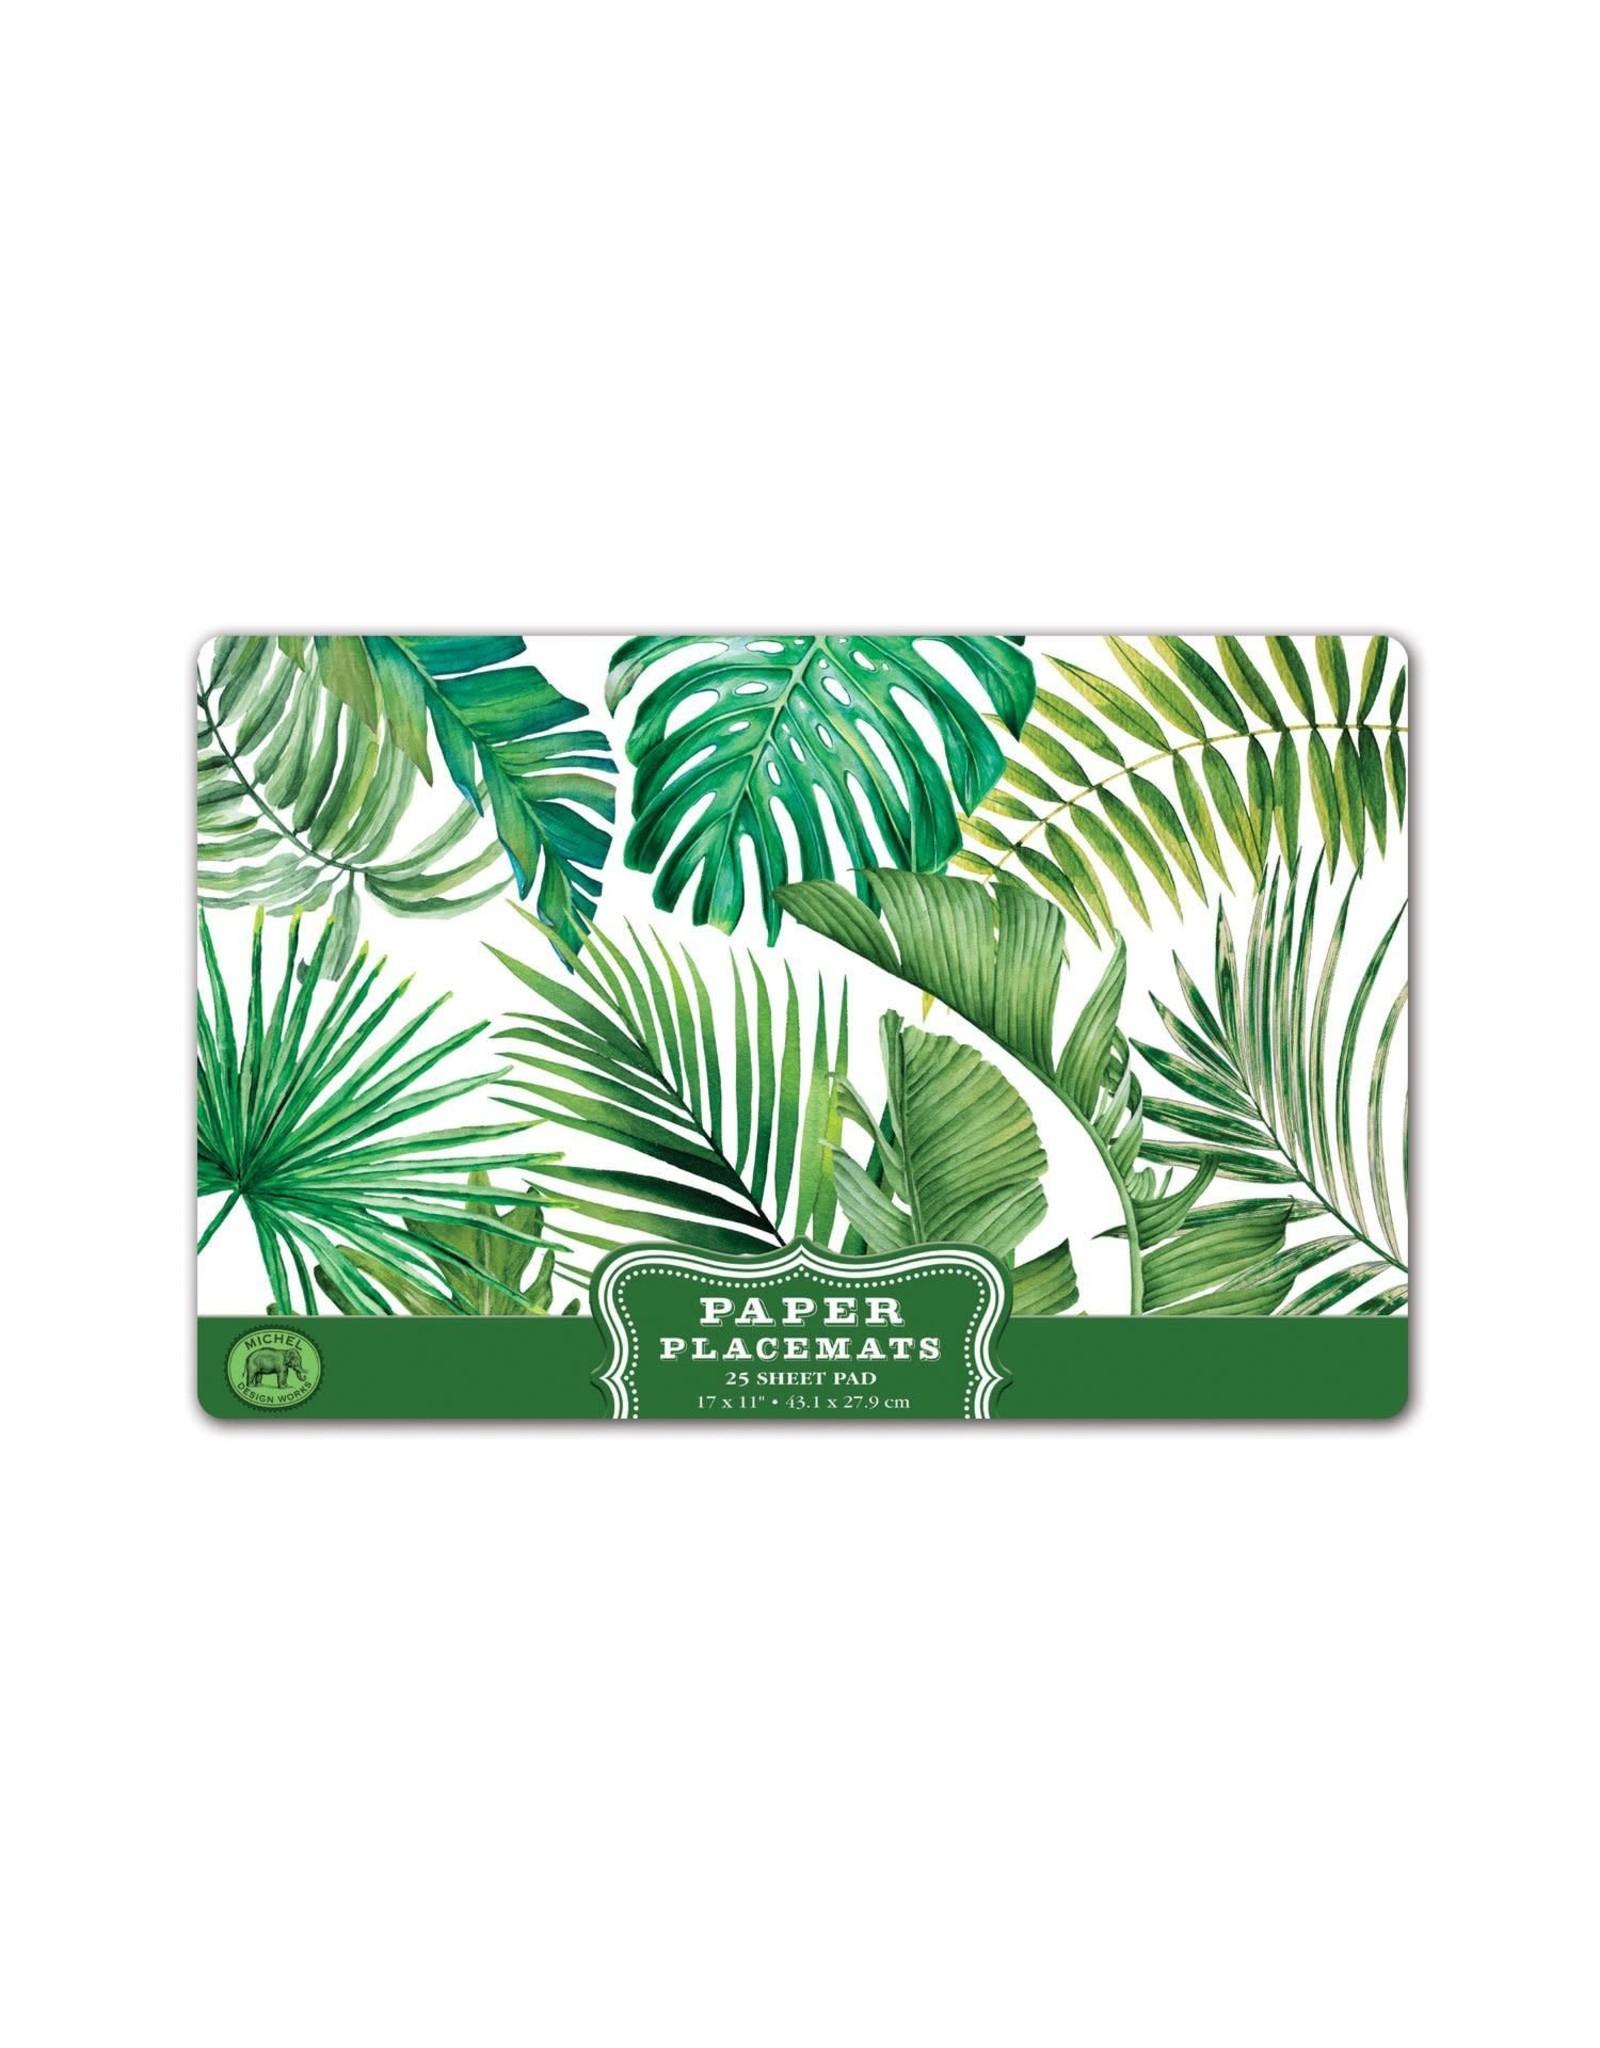 Michel Palm Breeze Paper Placemats